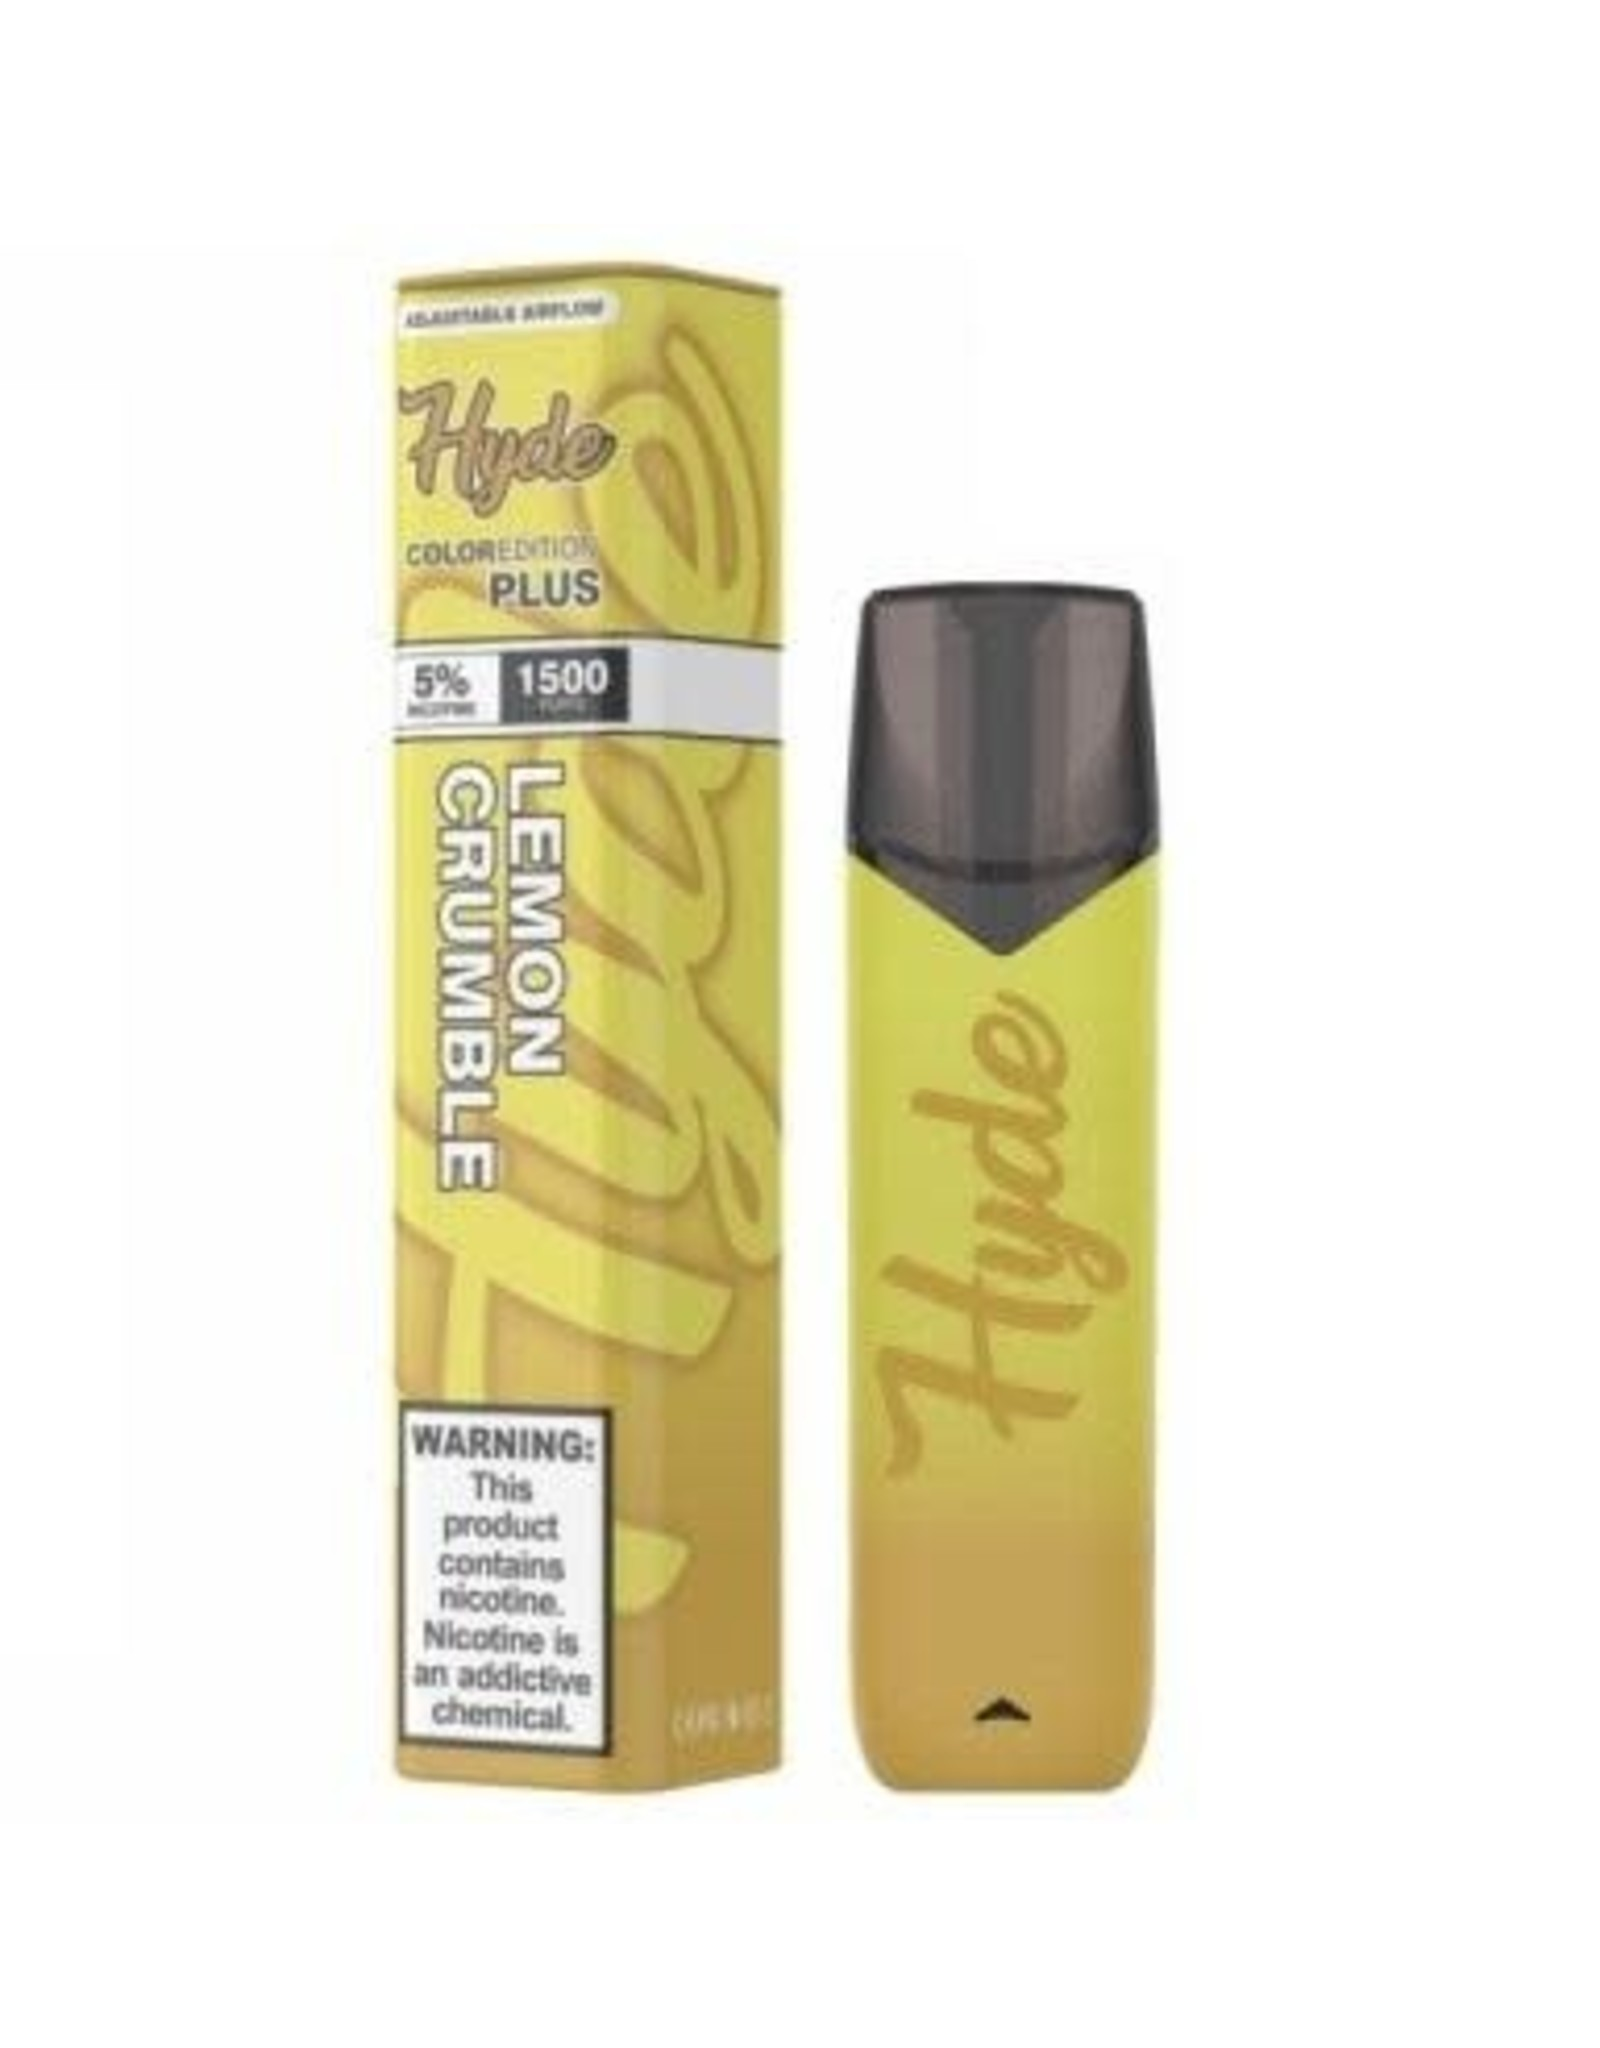 Hyde Hyde Color Plus Lemon Crumble 1500puff